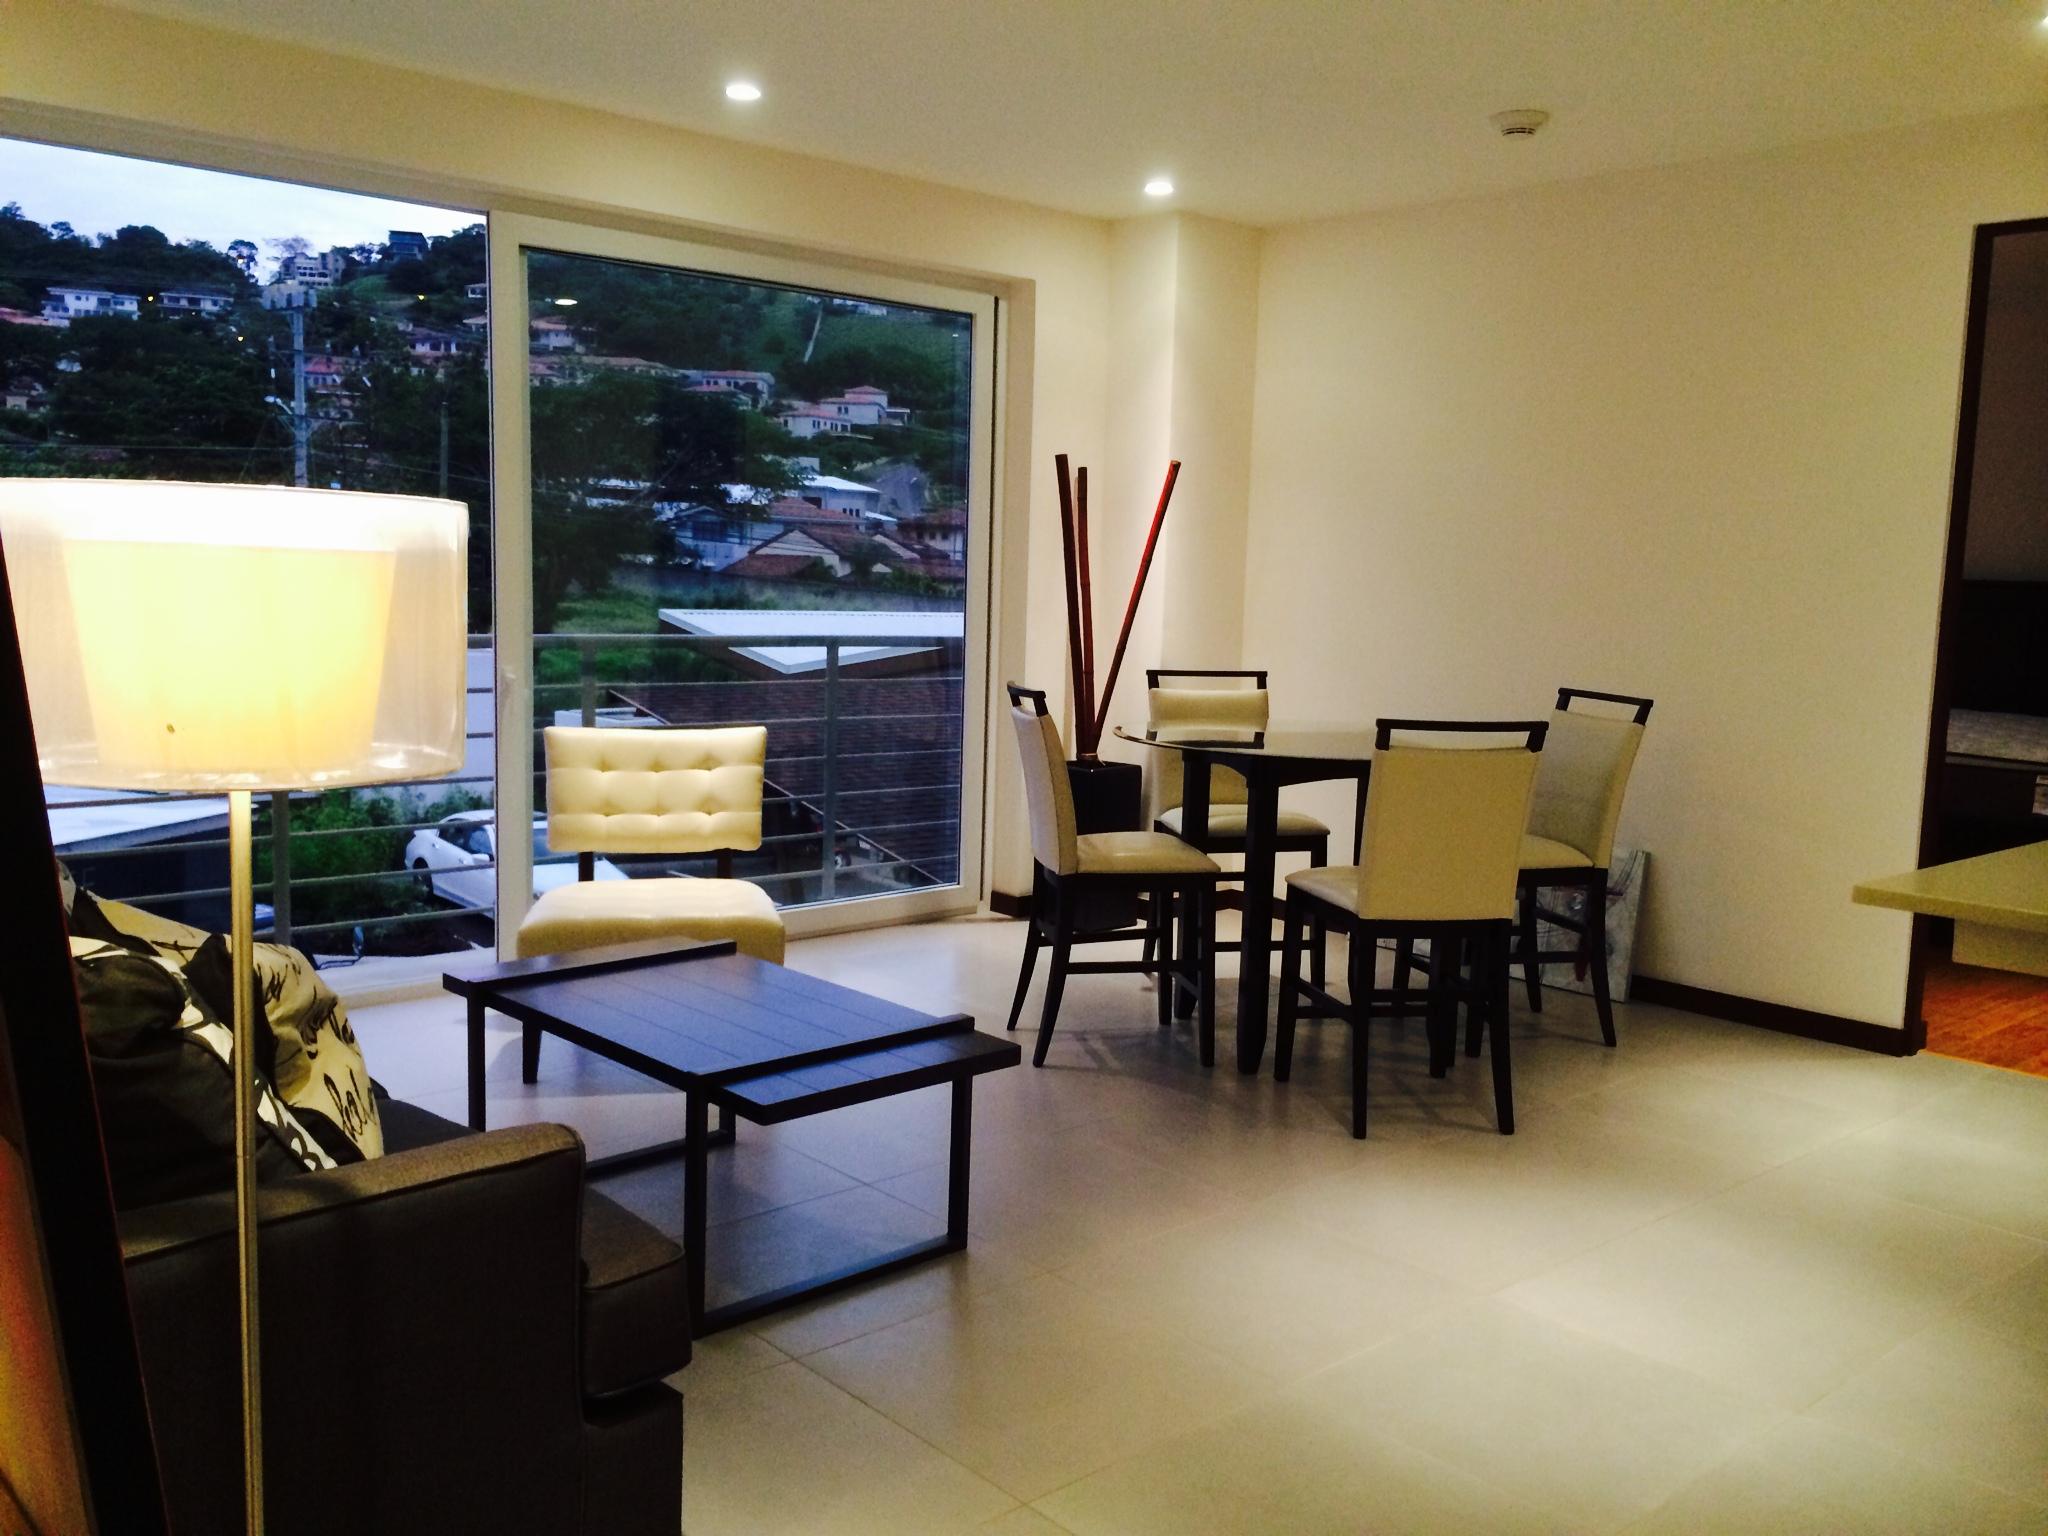 Distrito 4 apartment of 2 bed, 2 bath